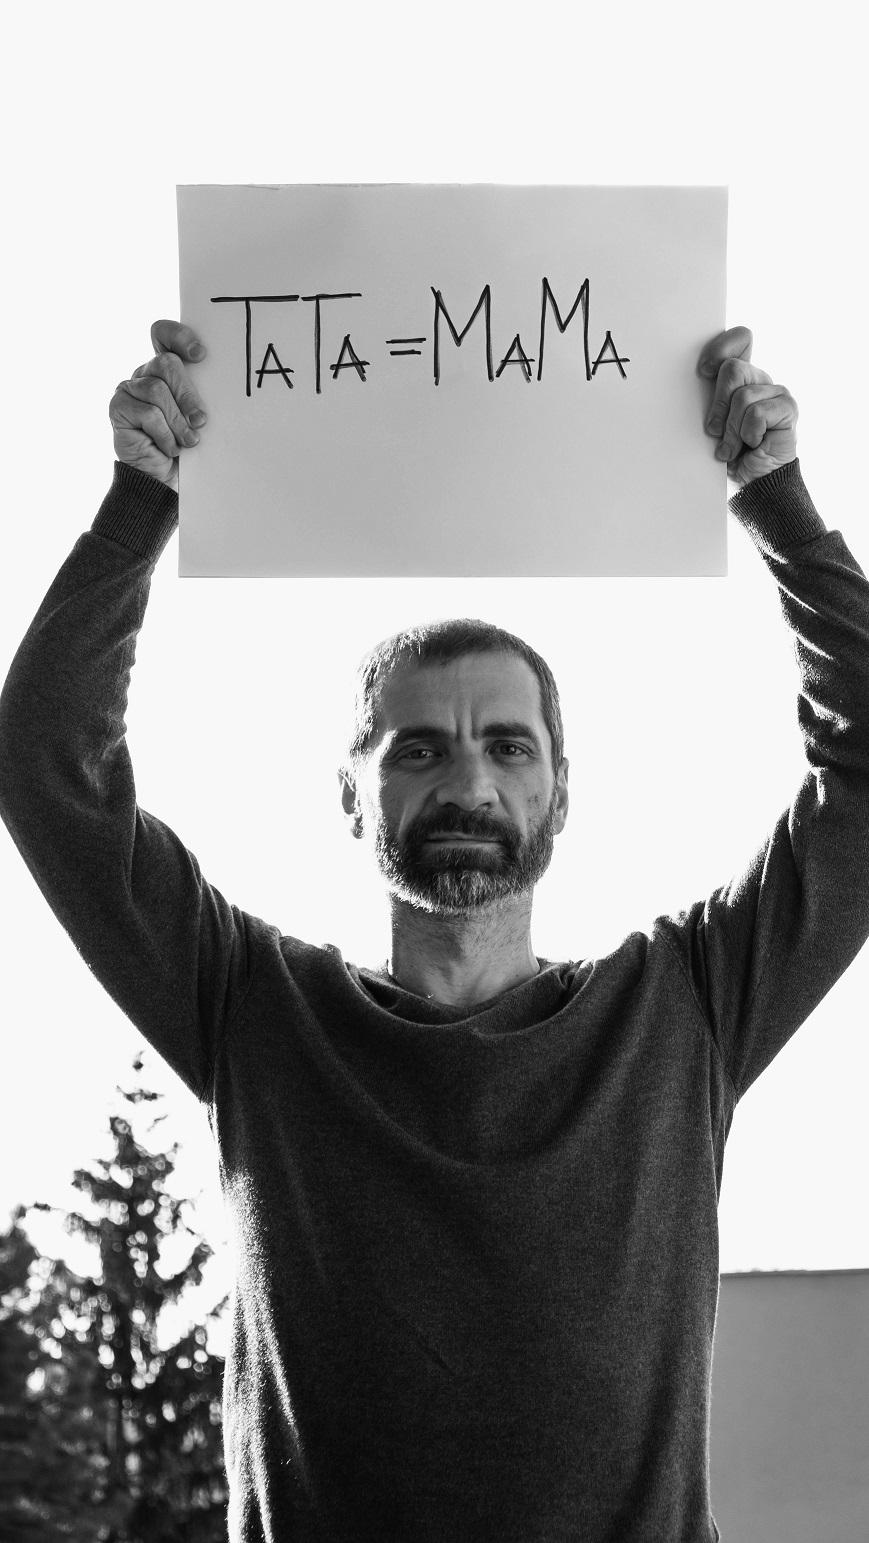 tata jednako mama, Davor Karmišević